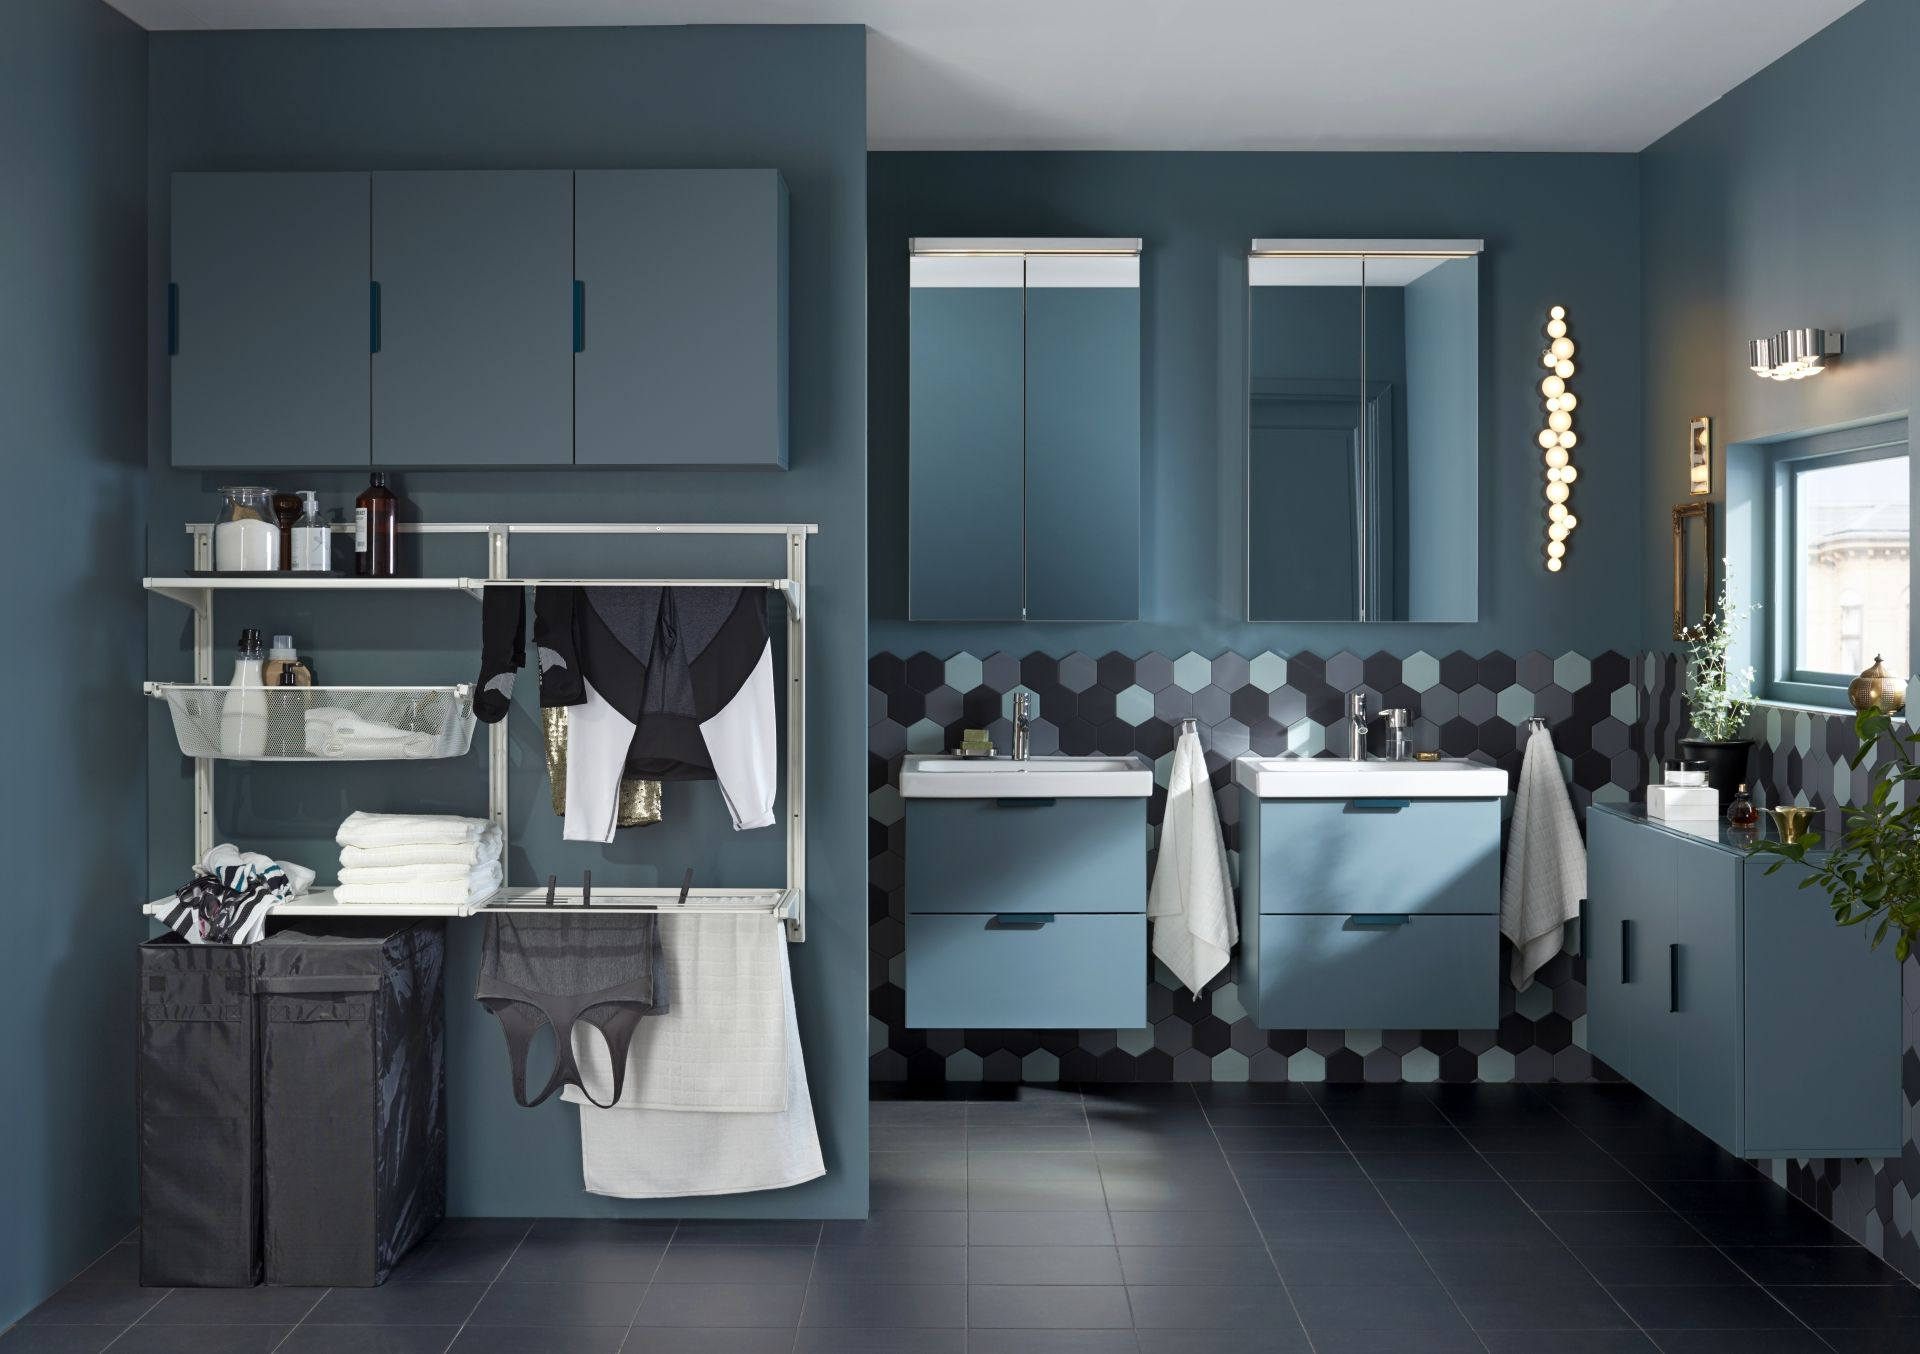 Ikea Badkamer Bovenkast : Godmorgon spiegelkast met deuren ikea catalogus laundry